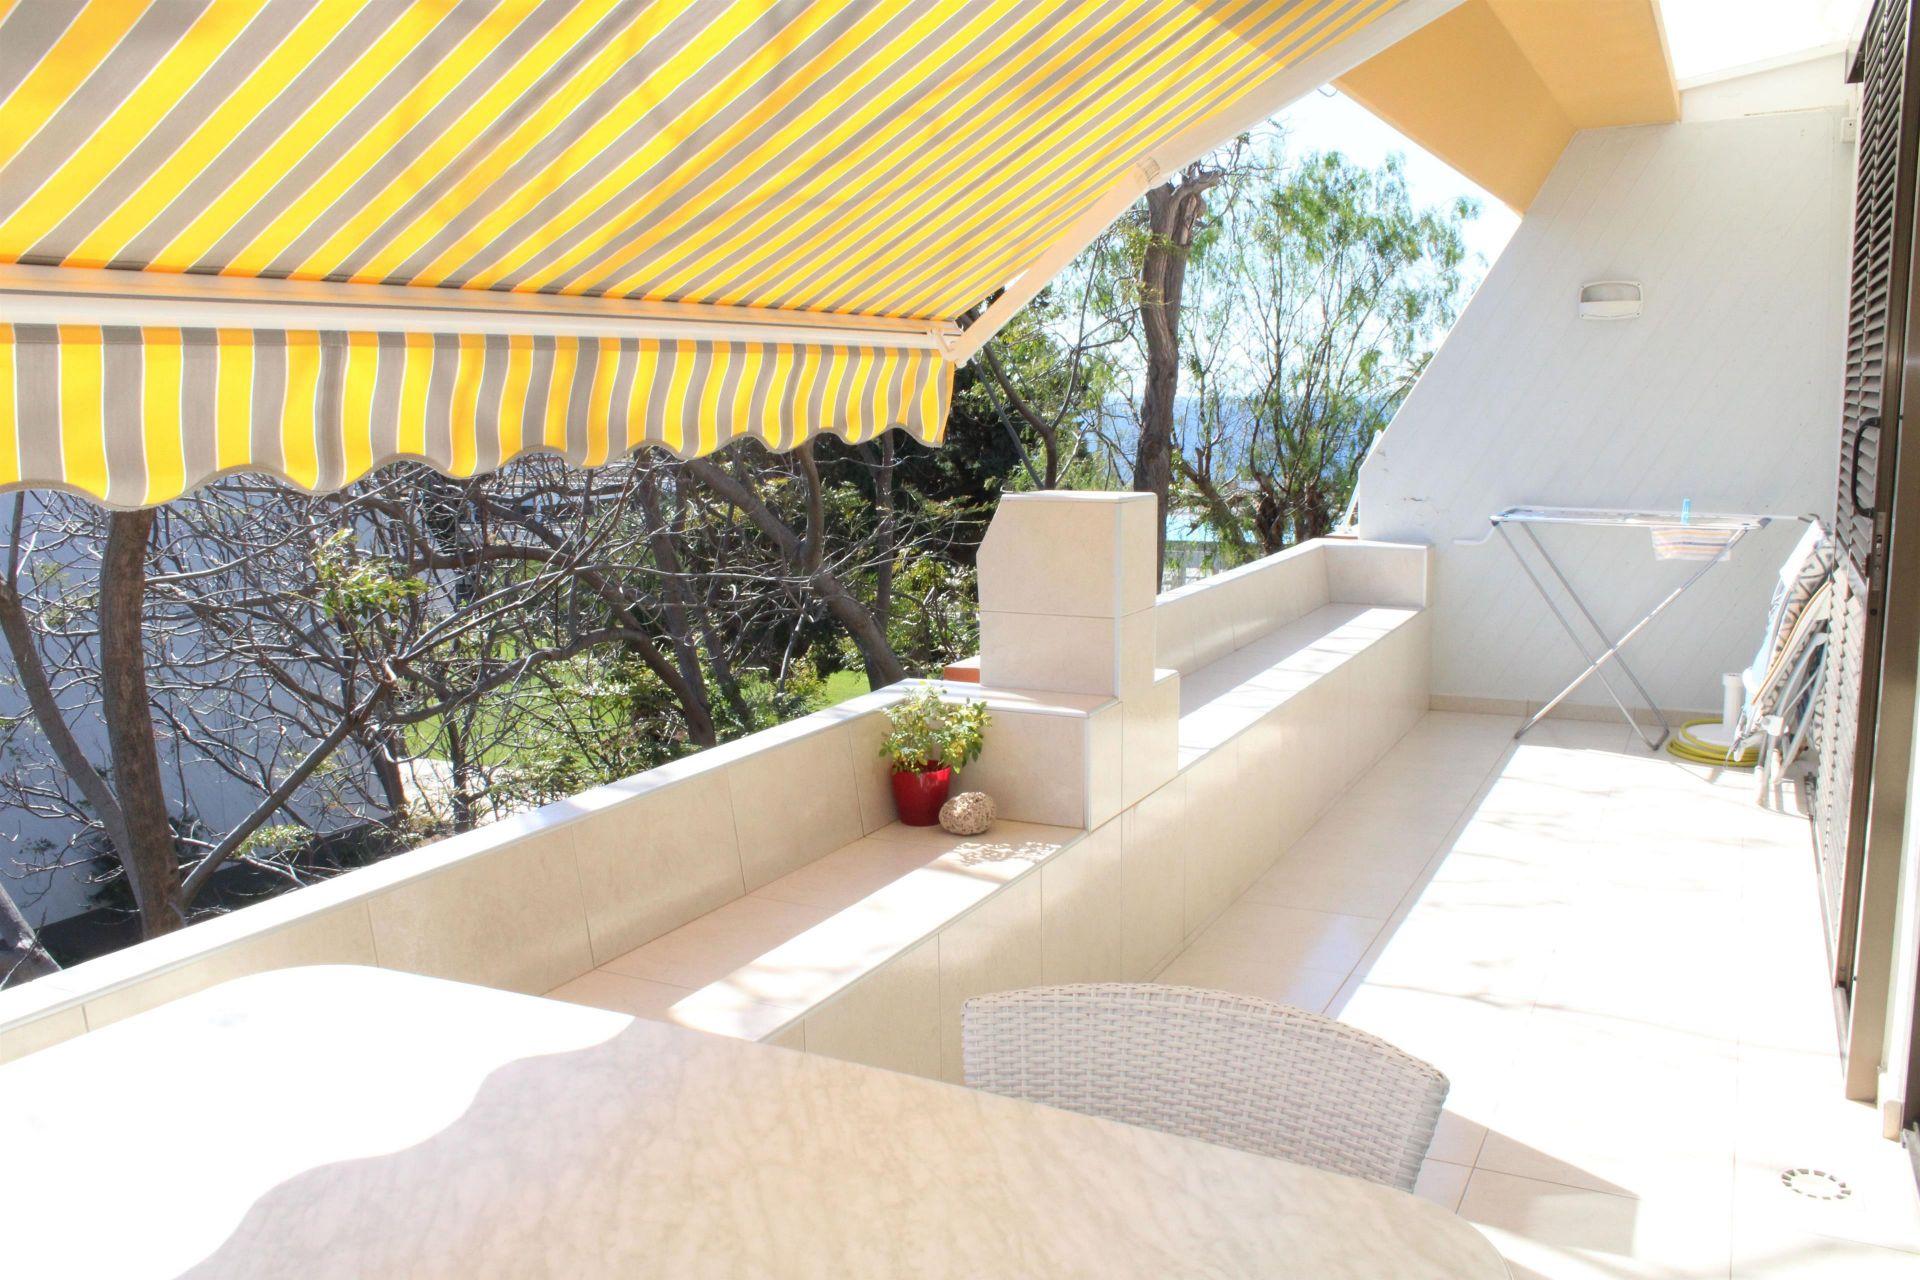 98-0321 - Apartment in Costa del Silencio - Arona